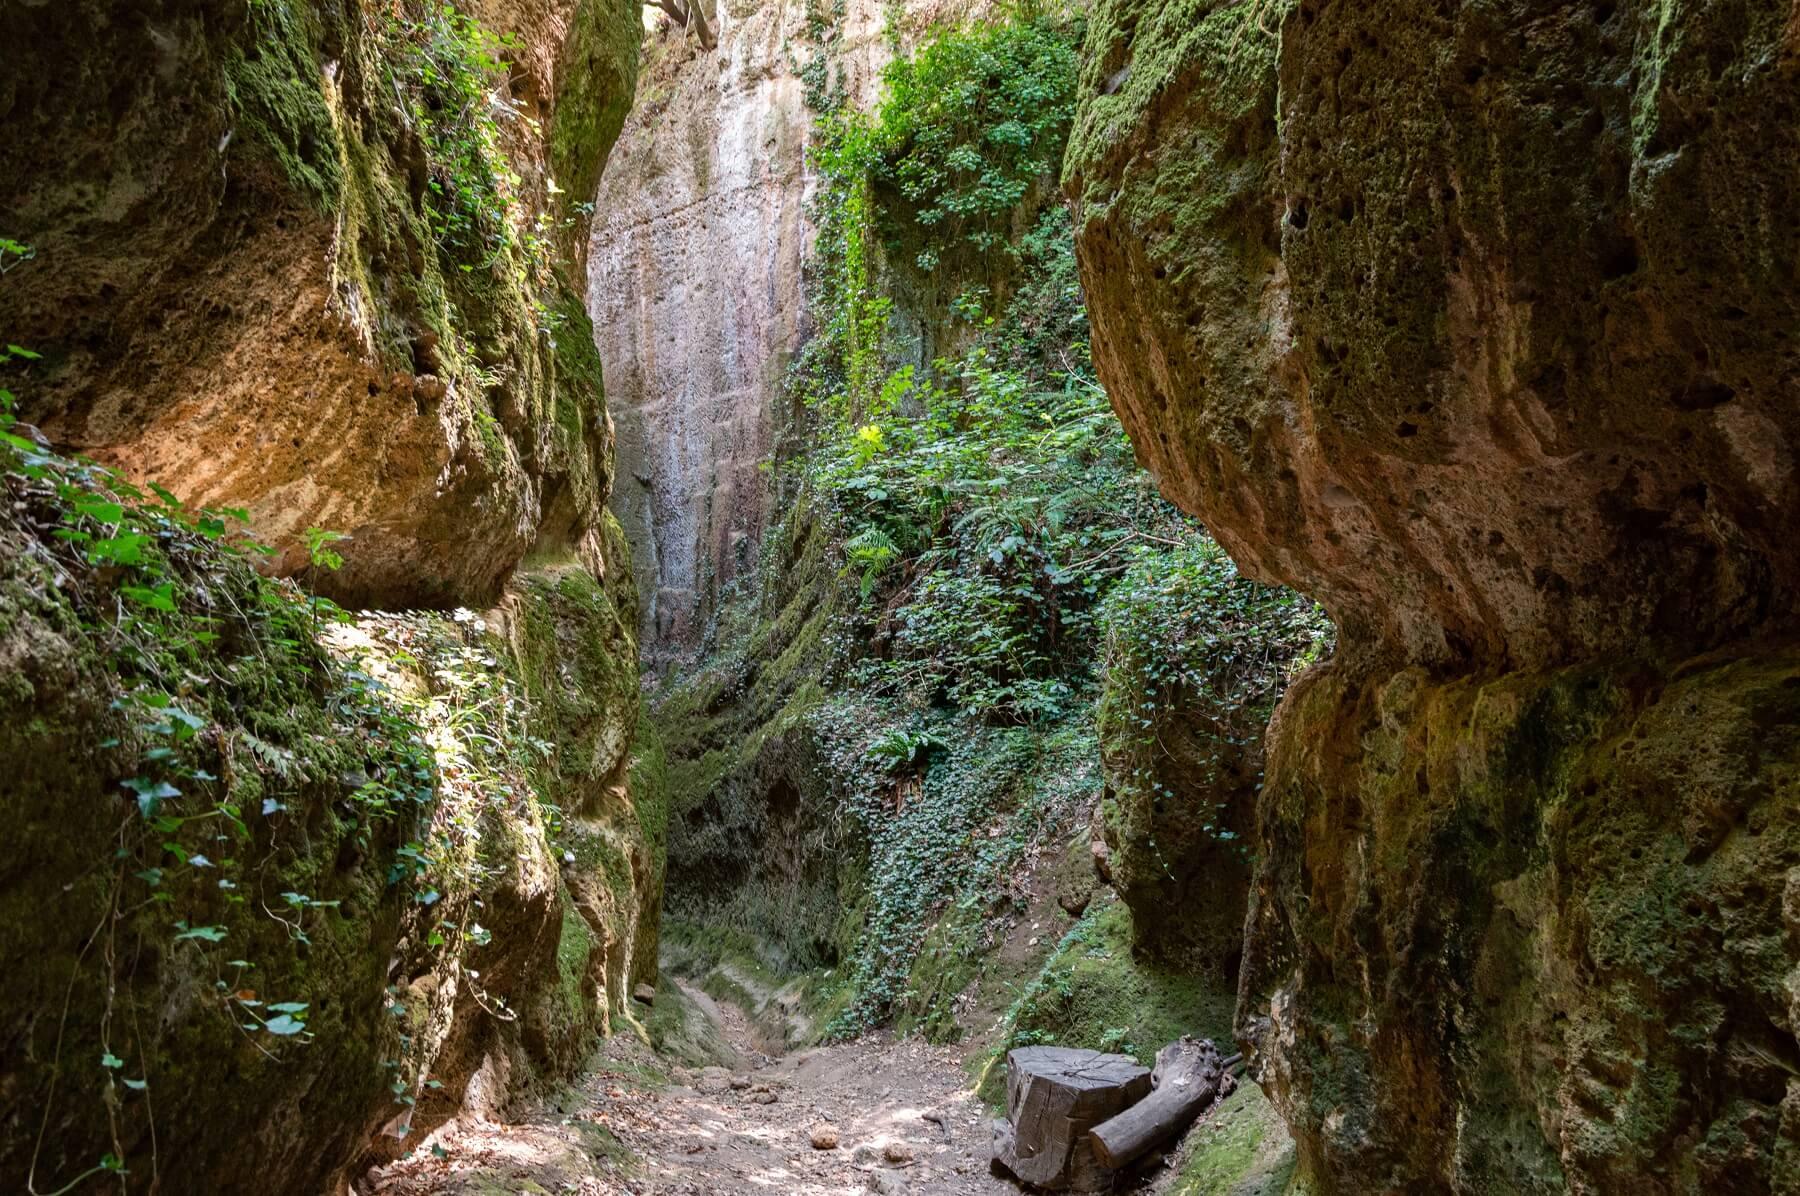 La via Cava di San Sebastiano, la più profonda tra le Vie Cave estrusche